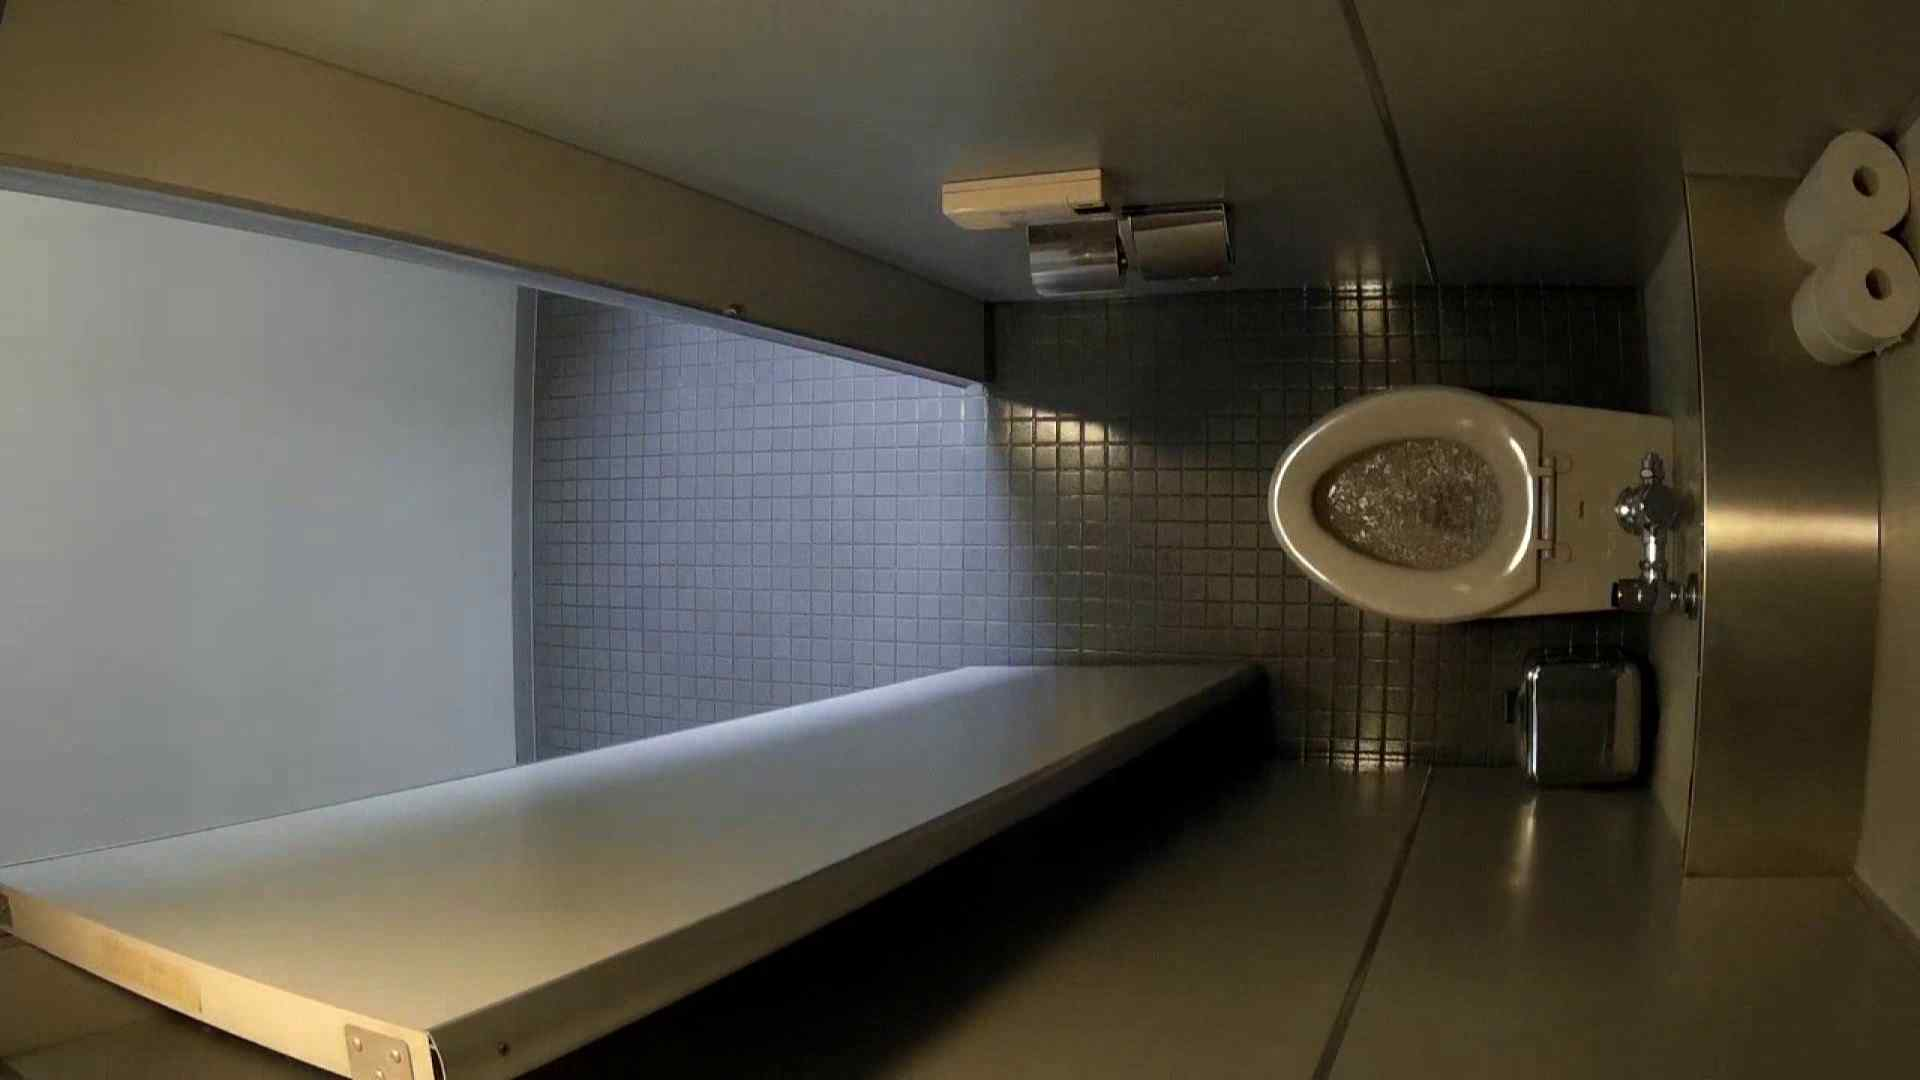 有名大学女性洗面所 vol.45 冴え渡る多方向撮影!職人技です。 投稿   潜入画像  61画像 6